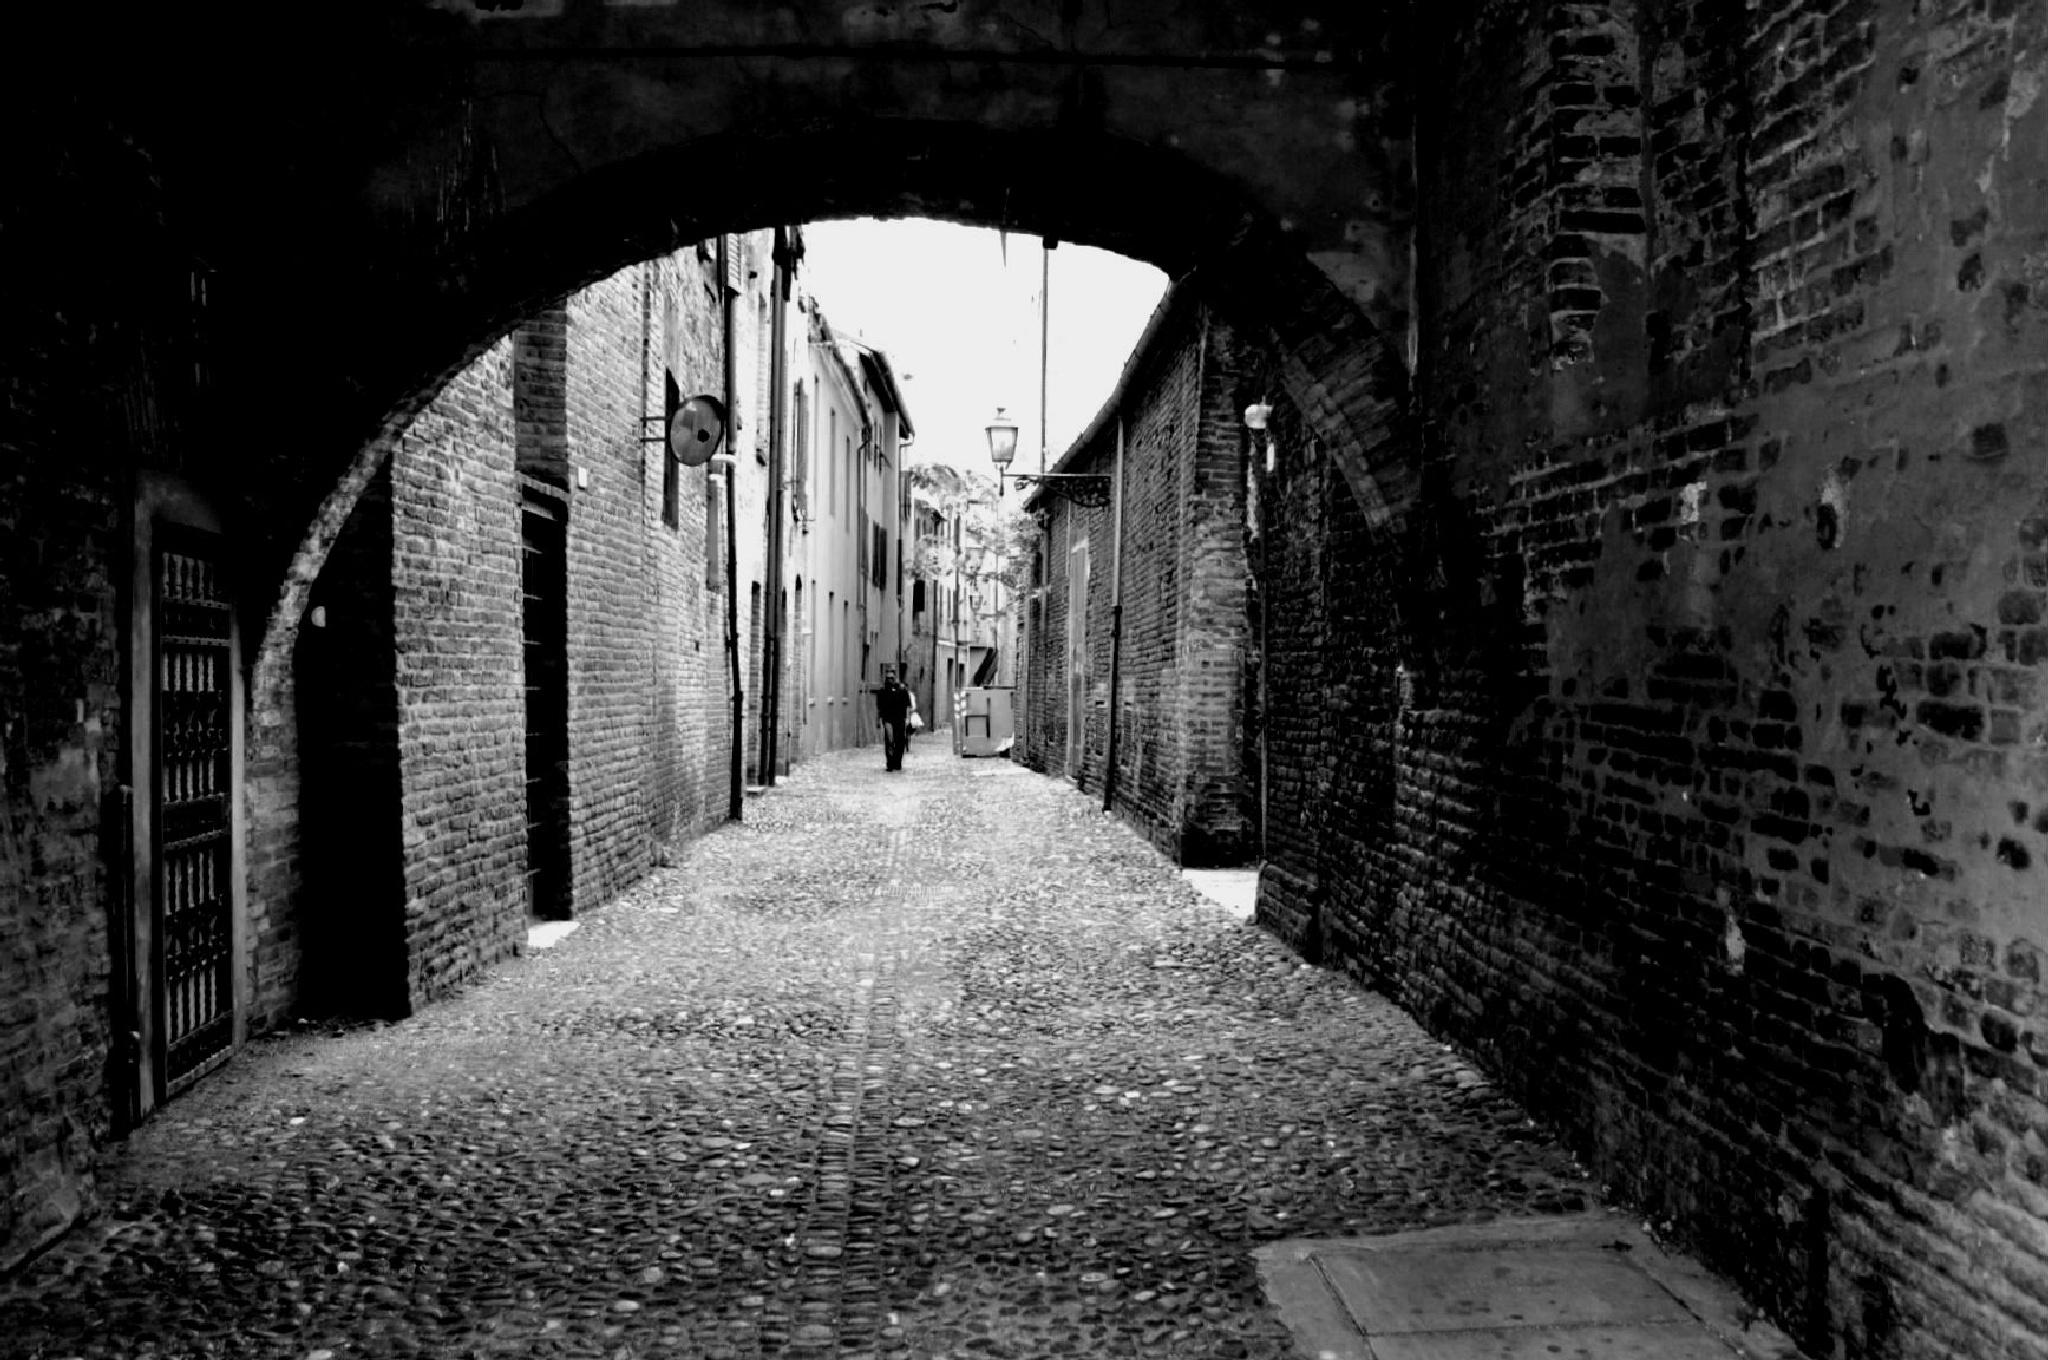 La Via delle Volte by carmenlargo13